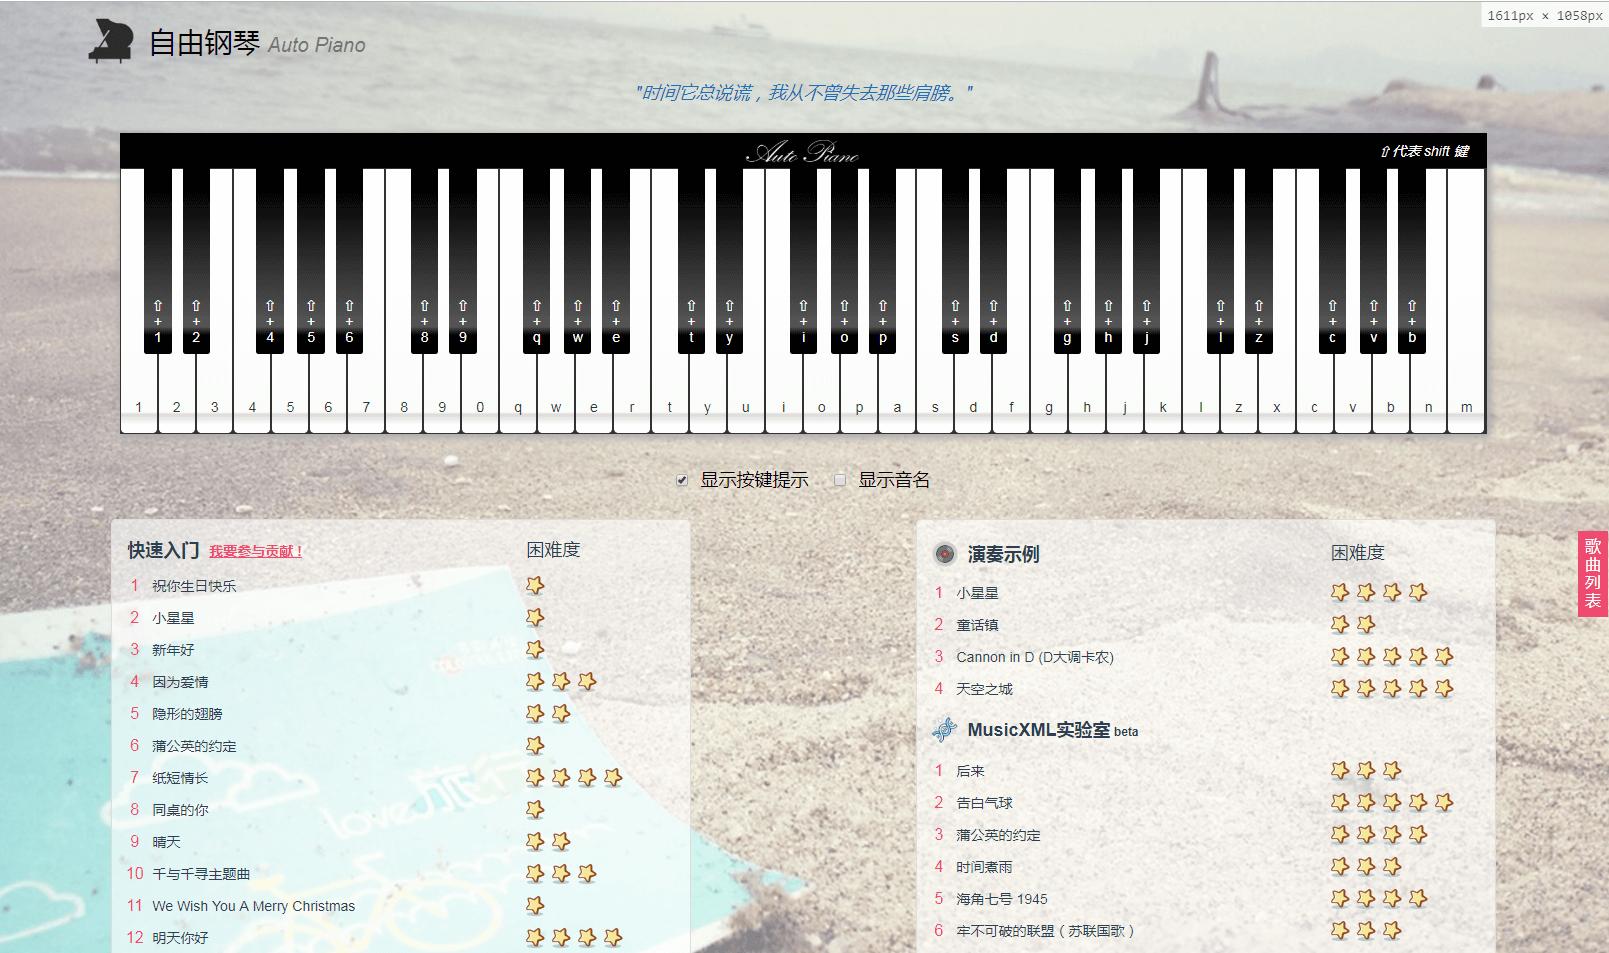 AutoPiano:3在线钢琴小程序